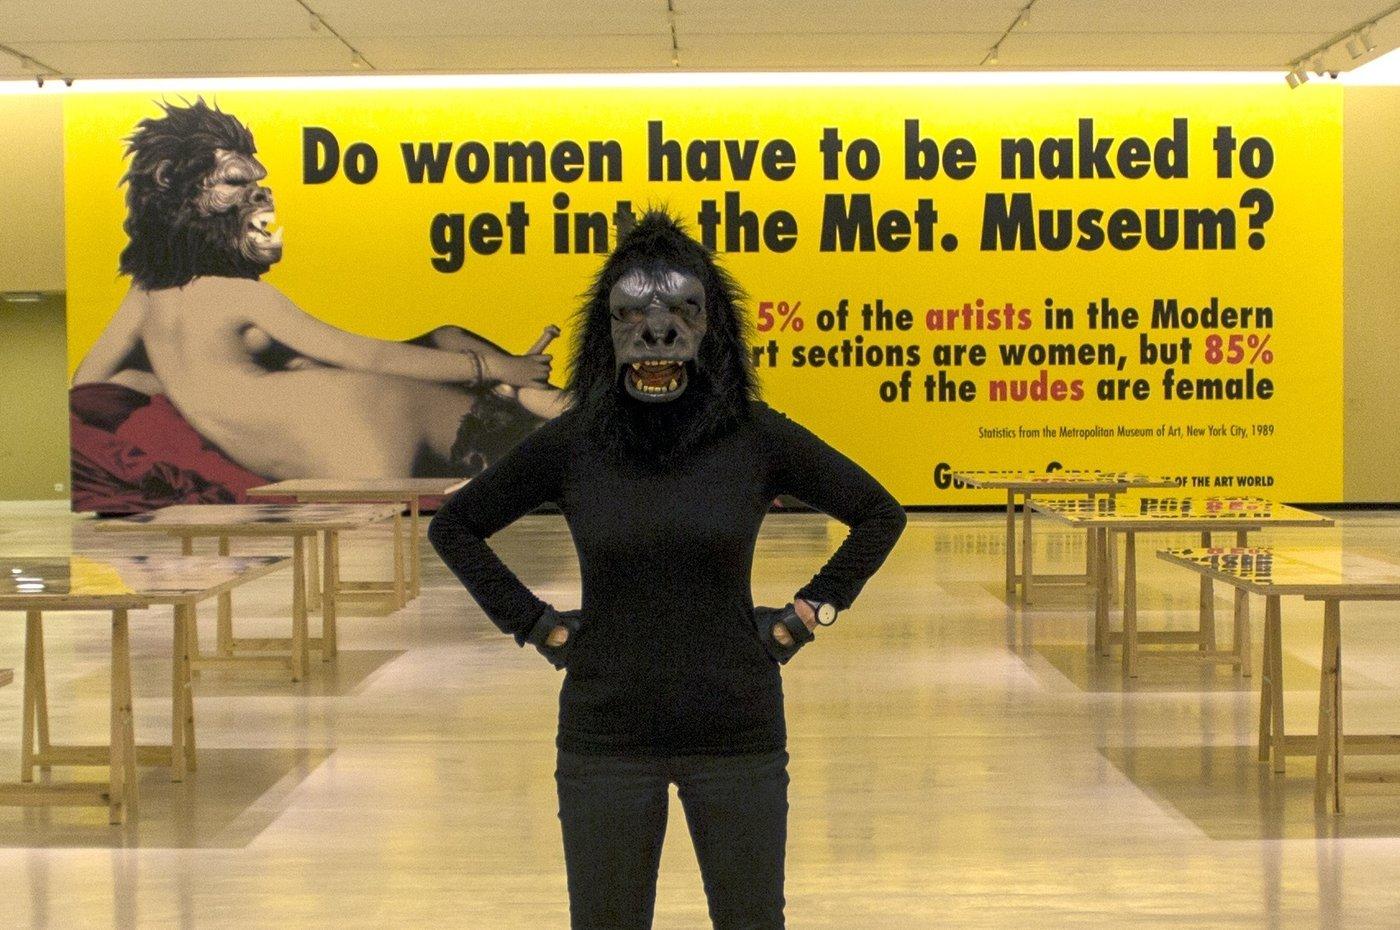 женщины-художницы Кате Кольвиц, член-основатель феминистского художественного коллектива The Guerilla Girls